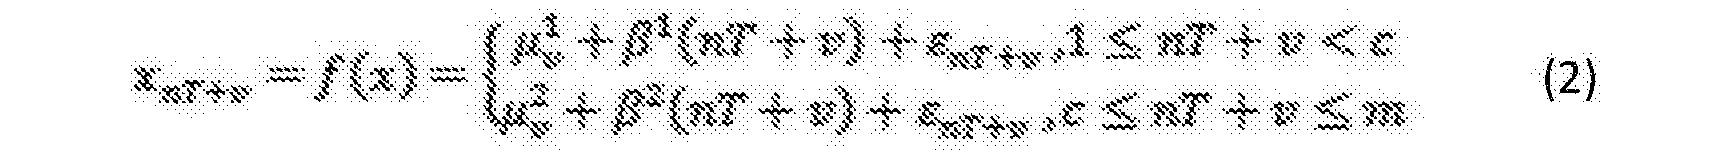 Figure CN105675320BC00022